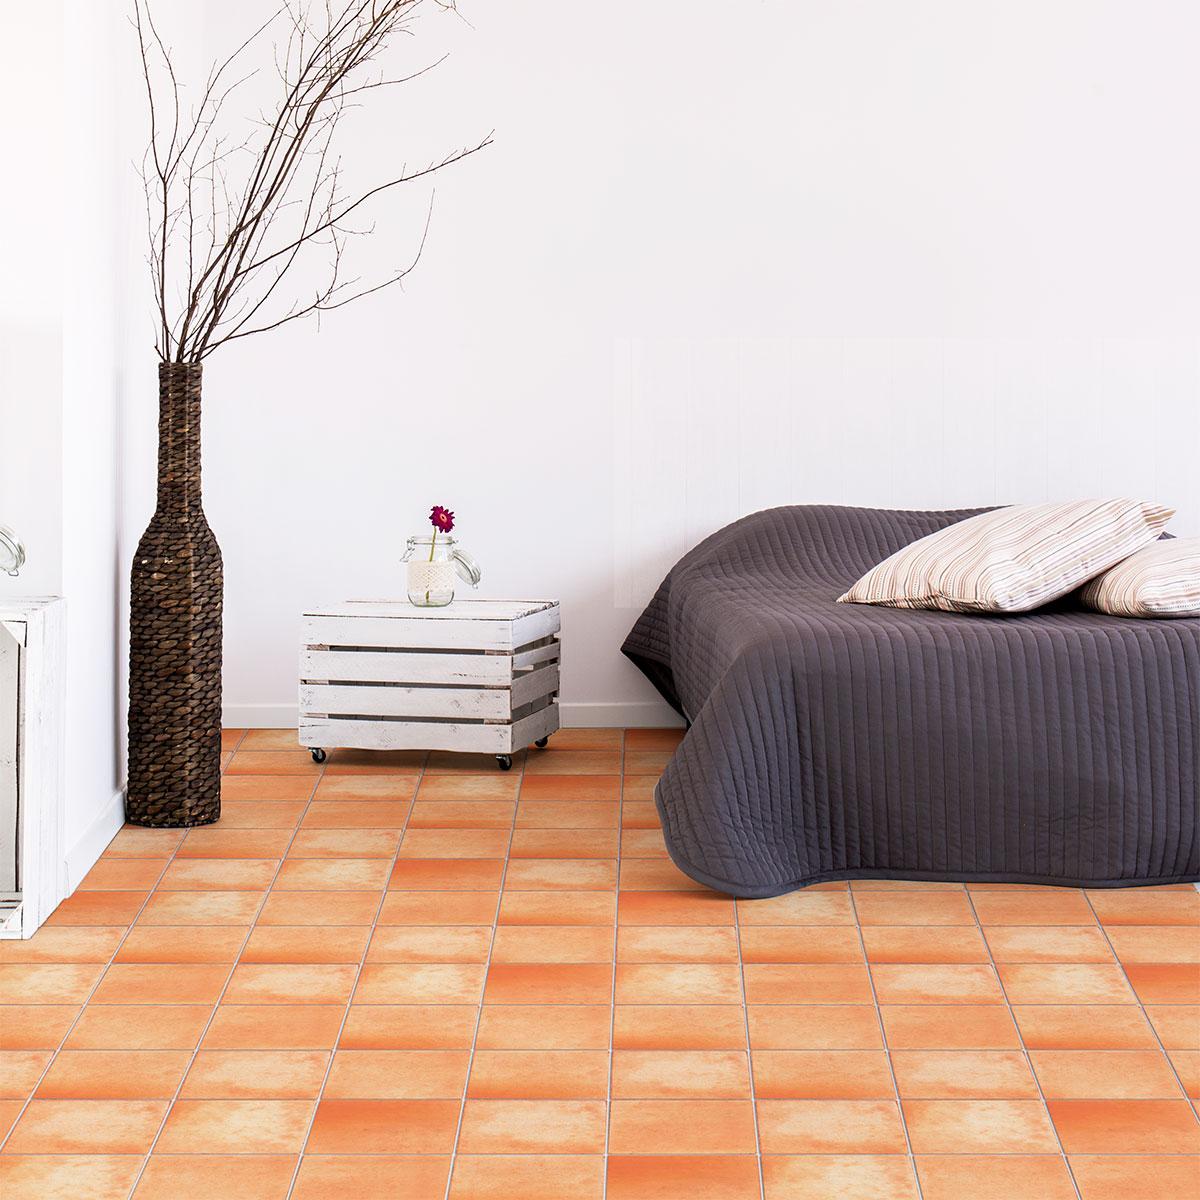 20 vinilos baldosas terracota suelo galeria antideslizante